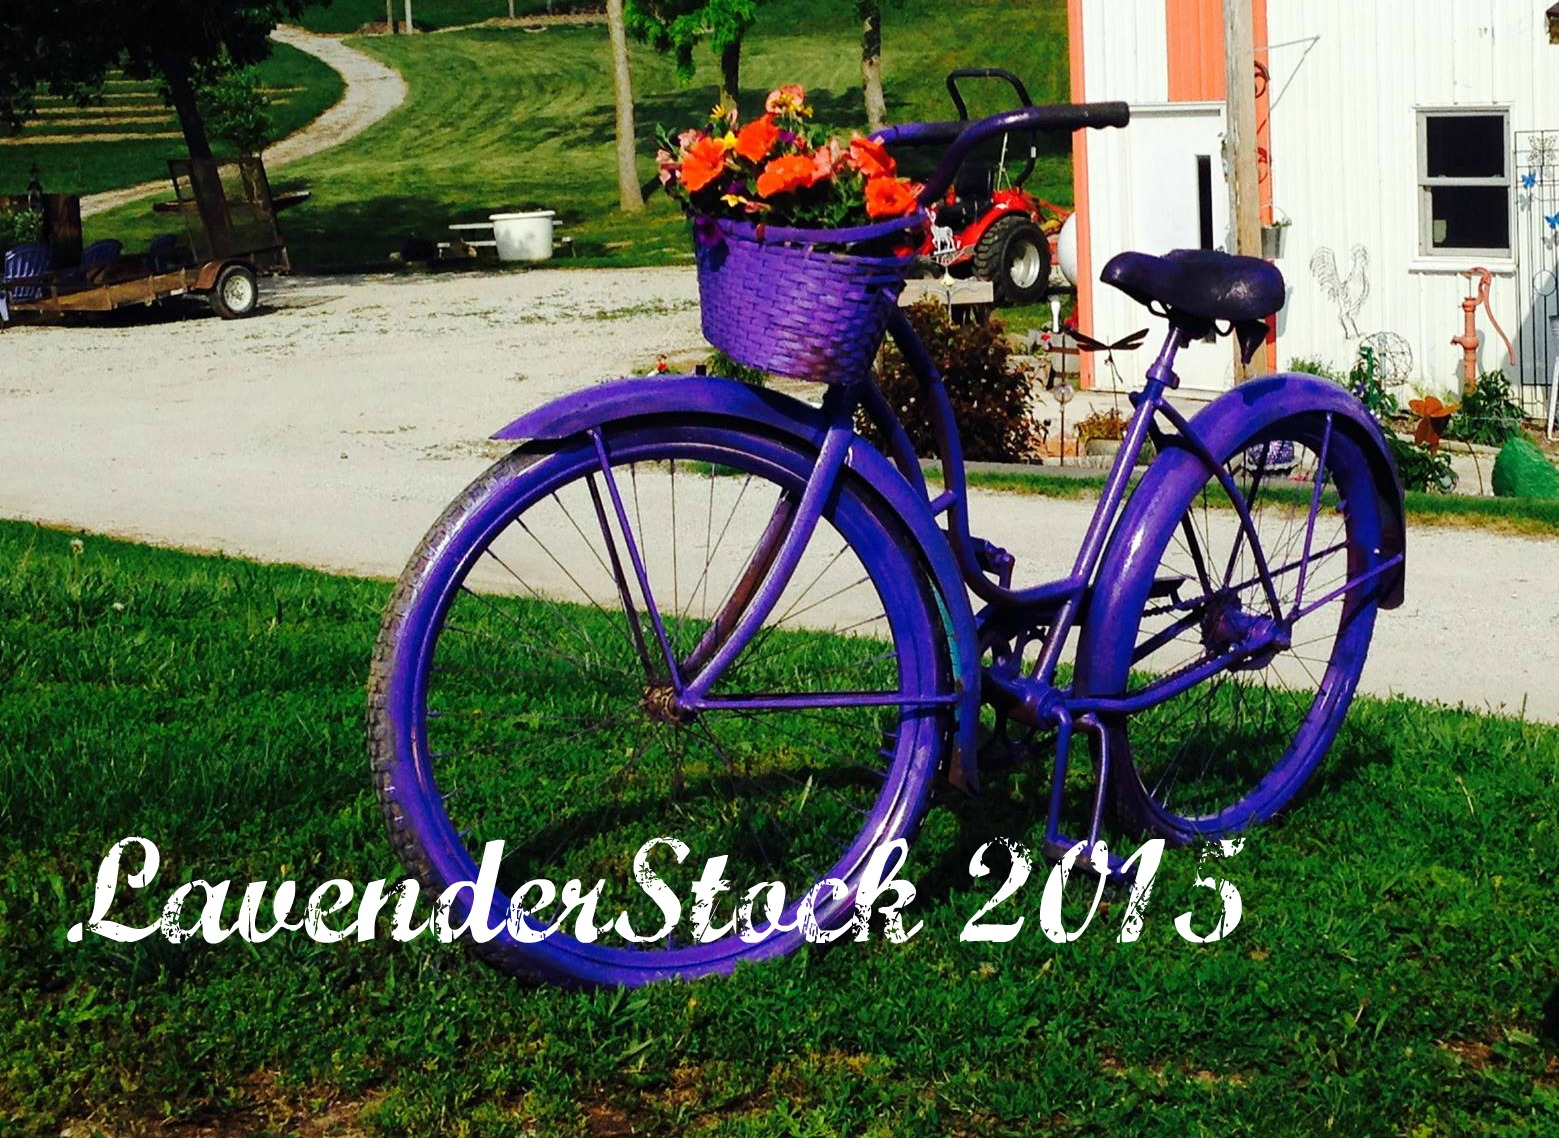 LavenderStock 2015.jpg